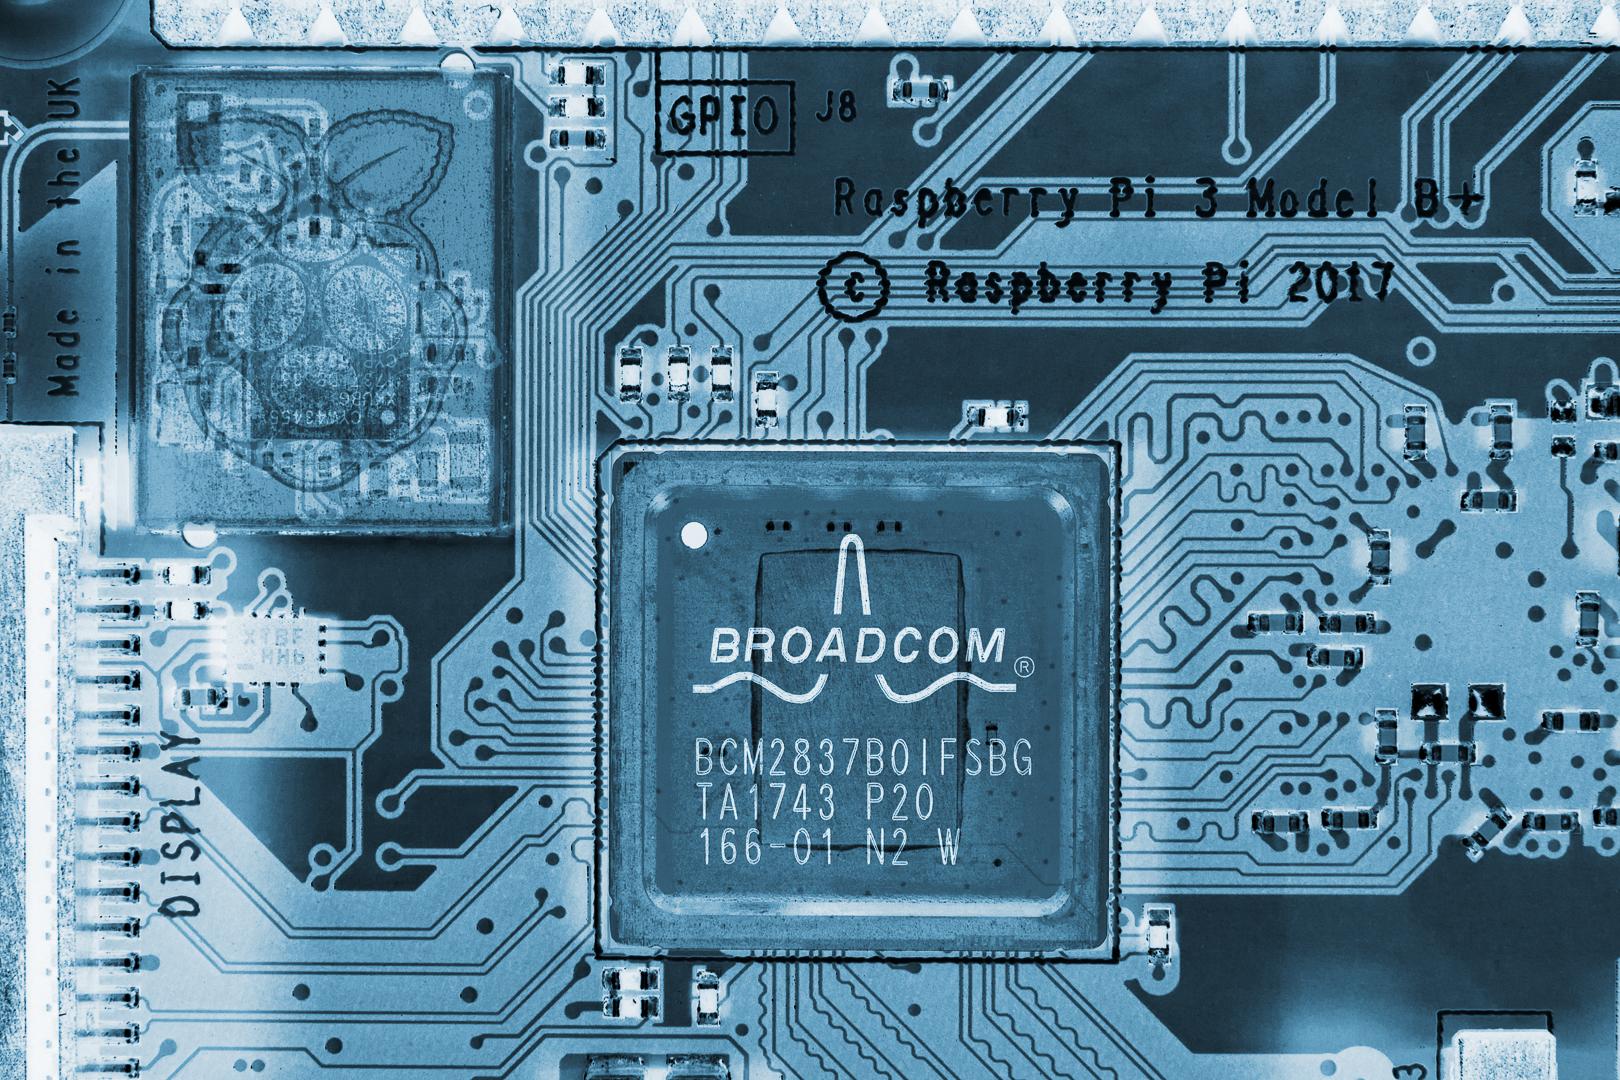 circuit diagram design images  | 852 x 480